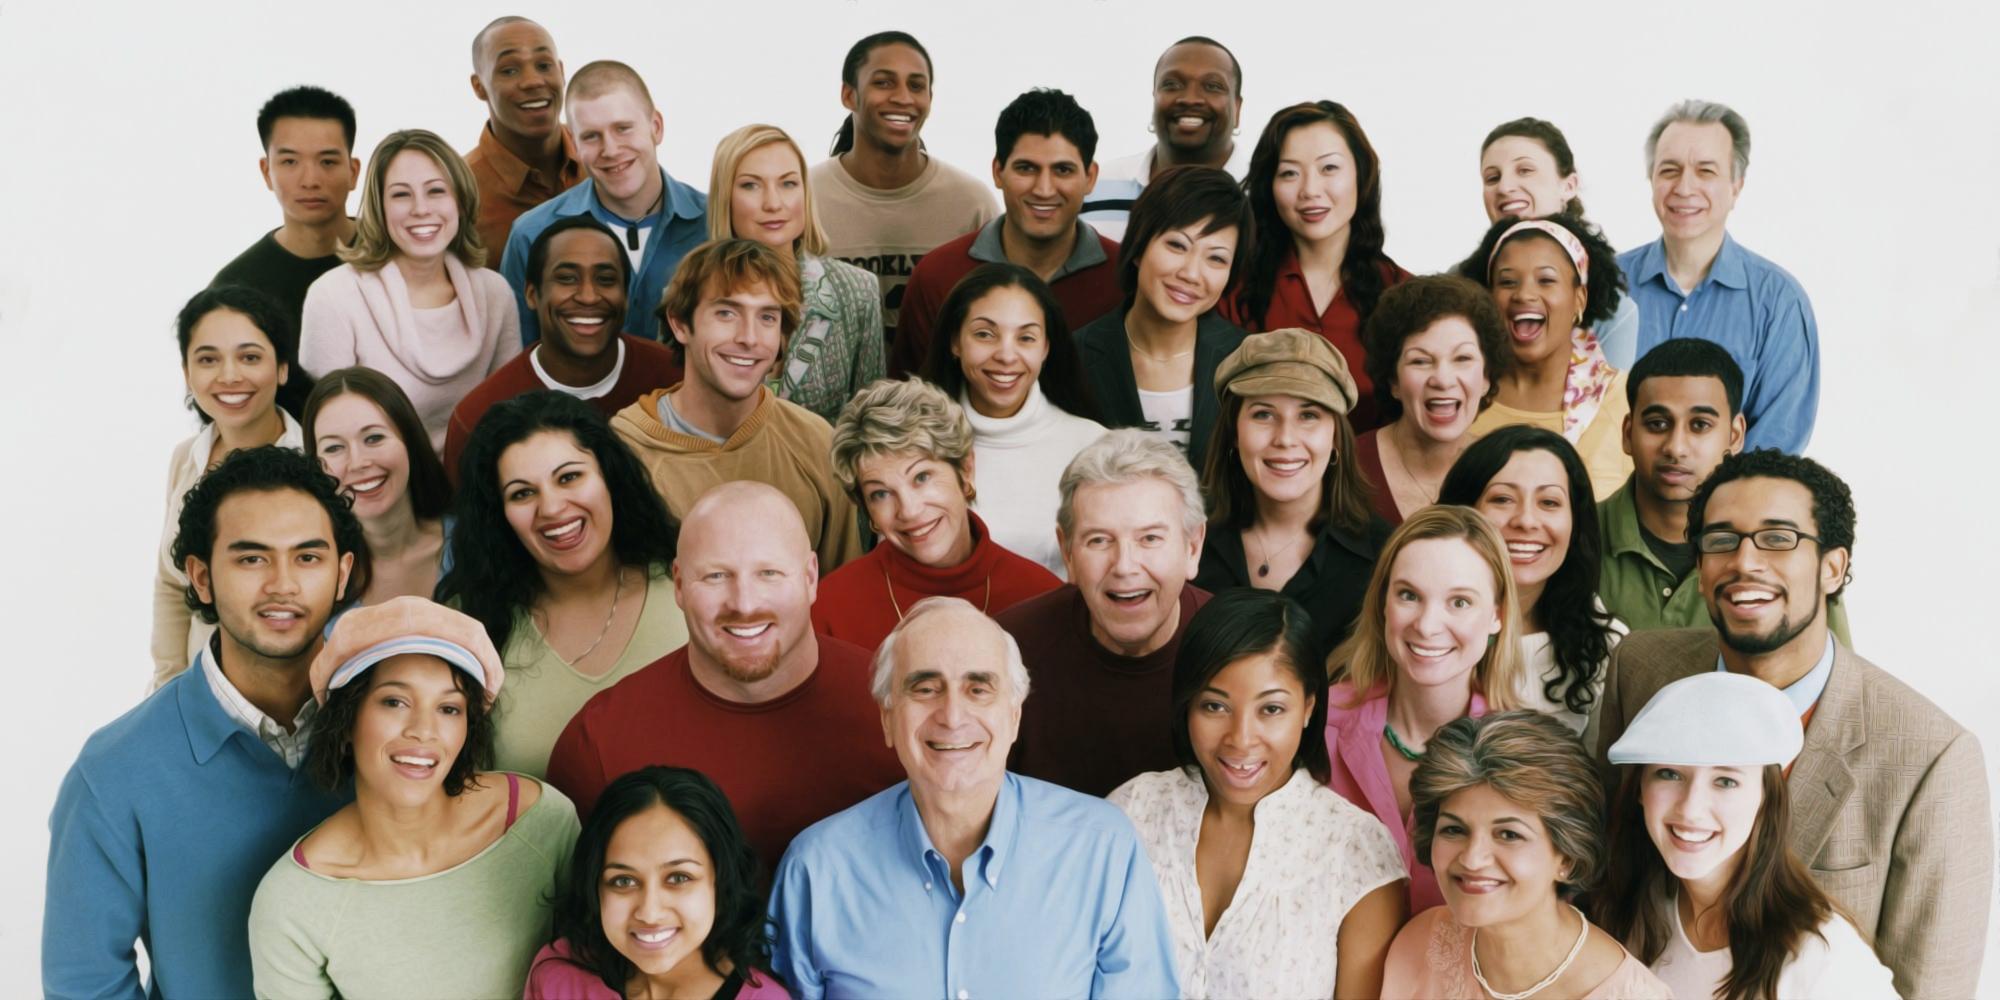 gente sonriendo